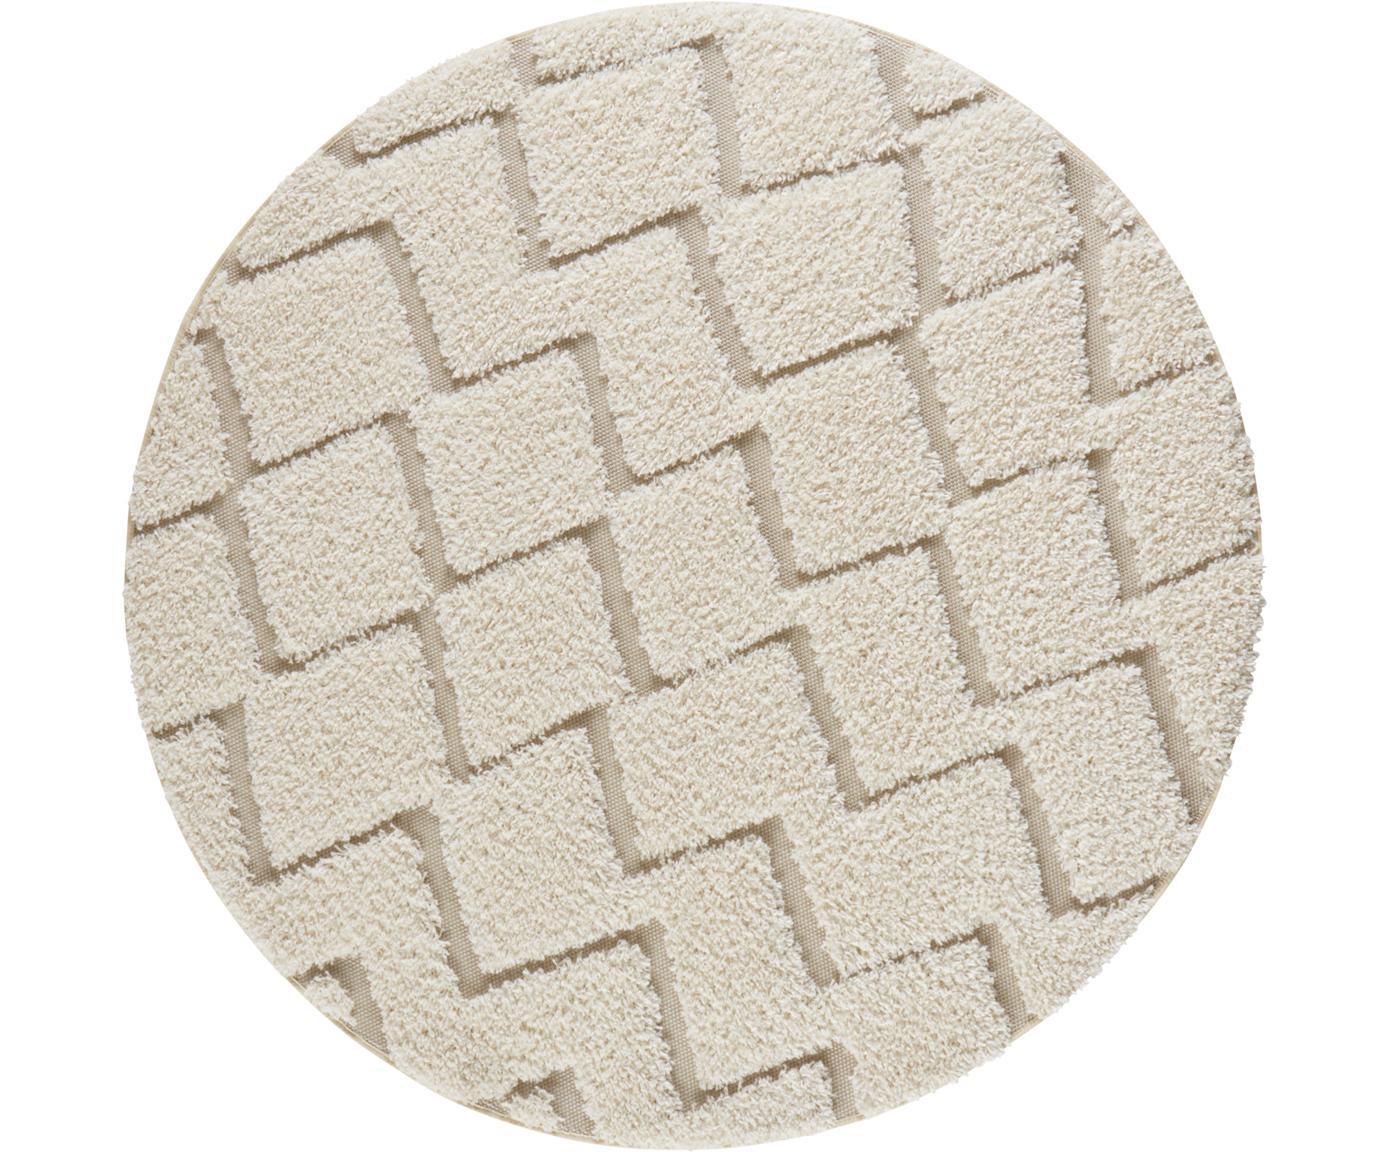 Tappeto rotondo con motivo a rilievo Dades, Crema, beige, Ø 160 cm (taglia L)